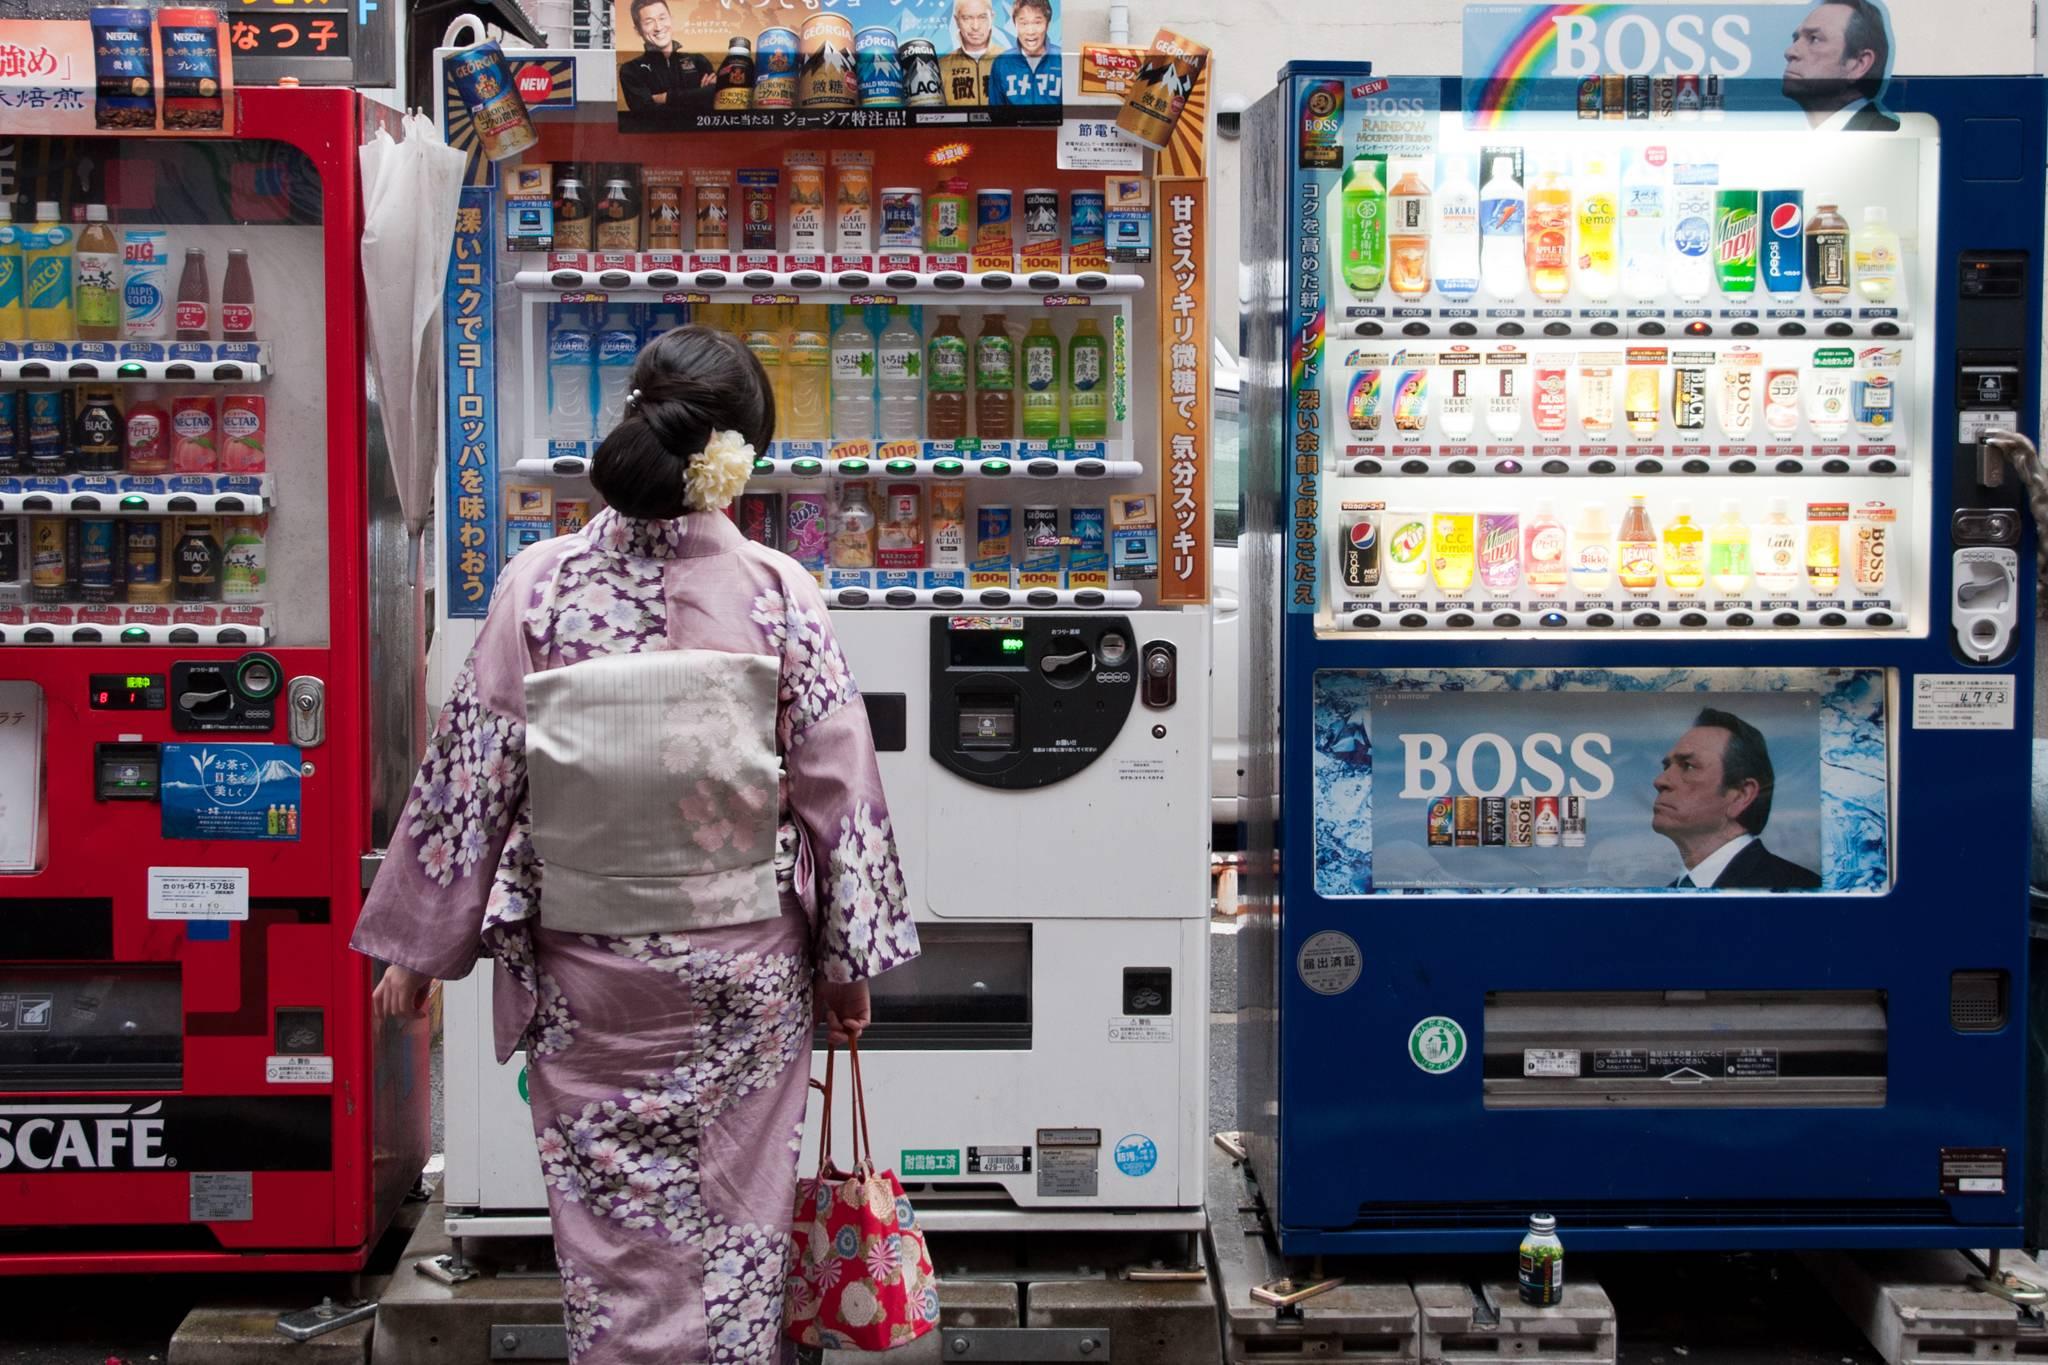 Цены в японии - сколько нужно денег, чтобы съездить в японию - 2021